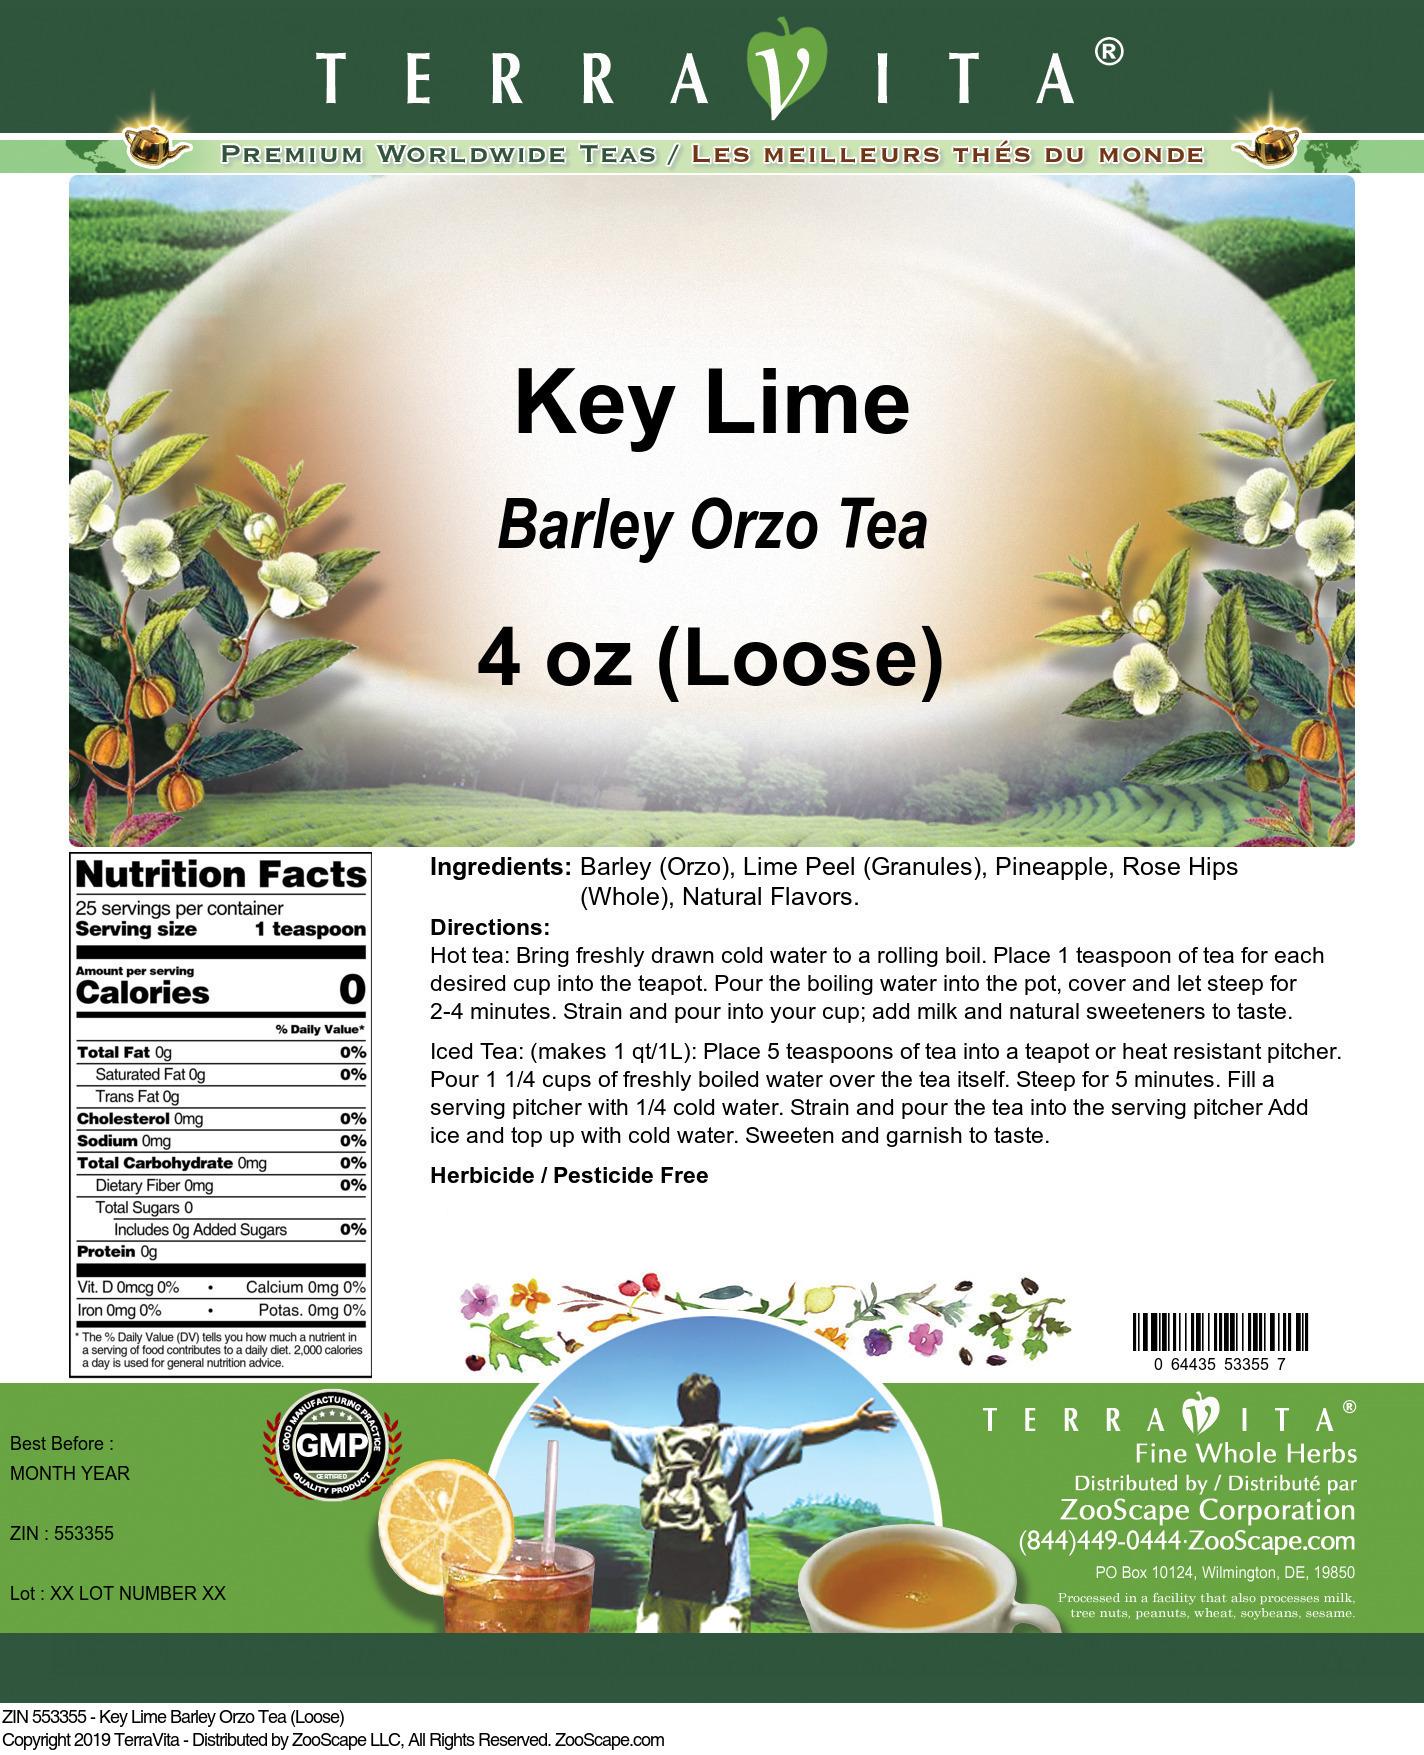 Key Lime Barley Orzo Tea (Loose)